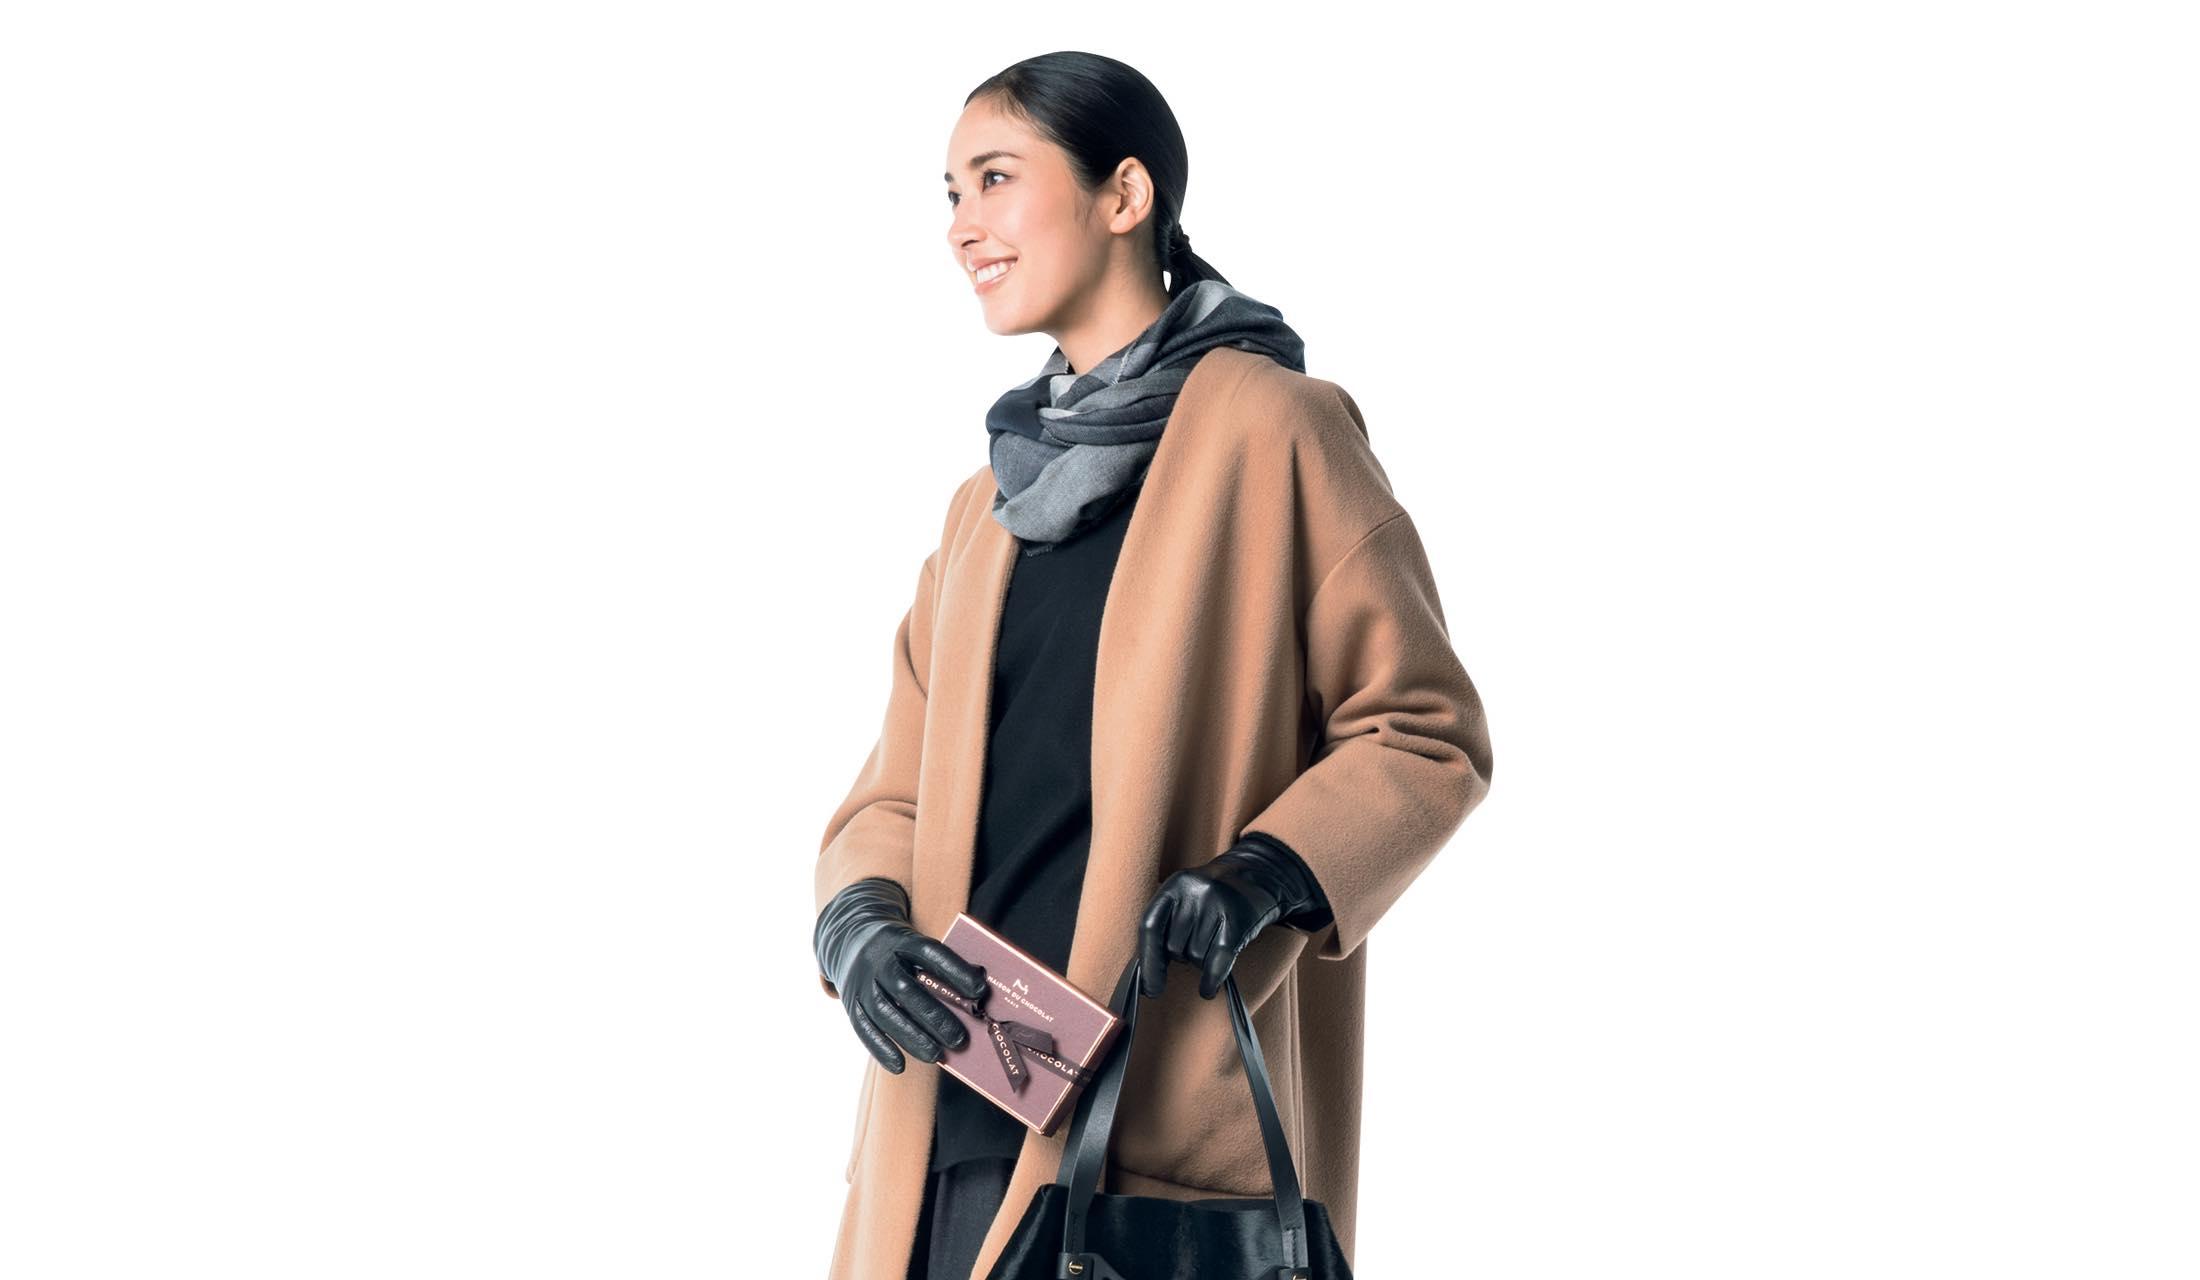 フーデッド巻きの着こなしに身を包んだモデル立野リカさん